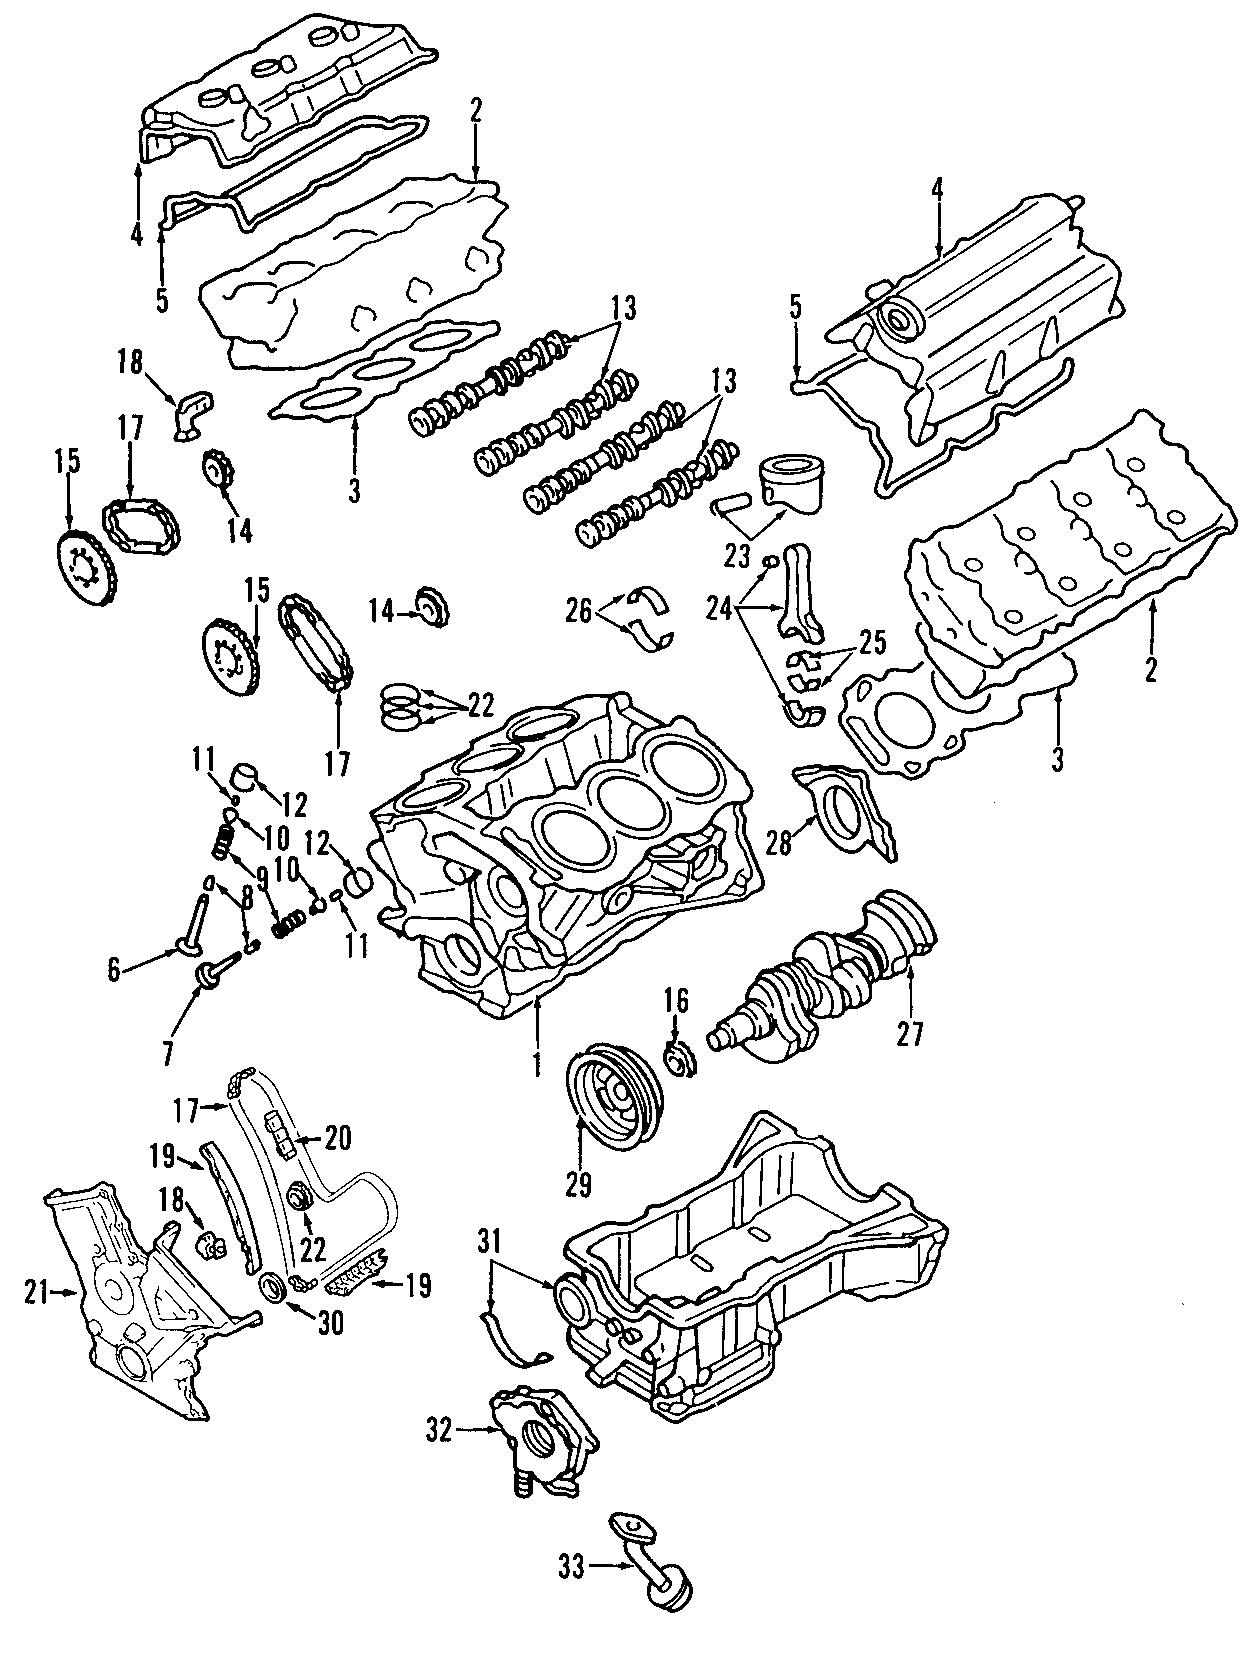 2008 Ford Edge Engine Oil Pan  Liter  Bearings  Valves